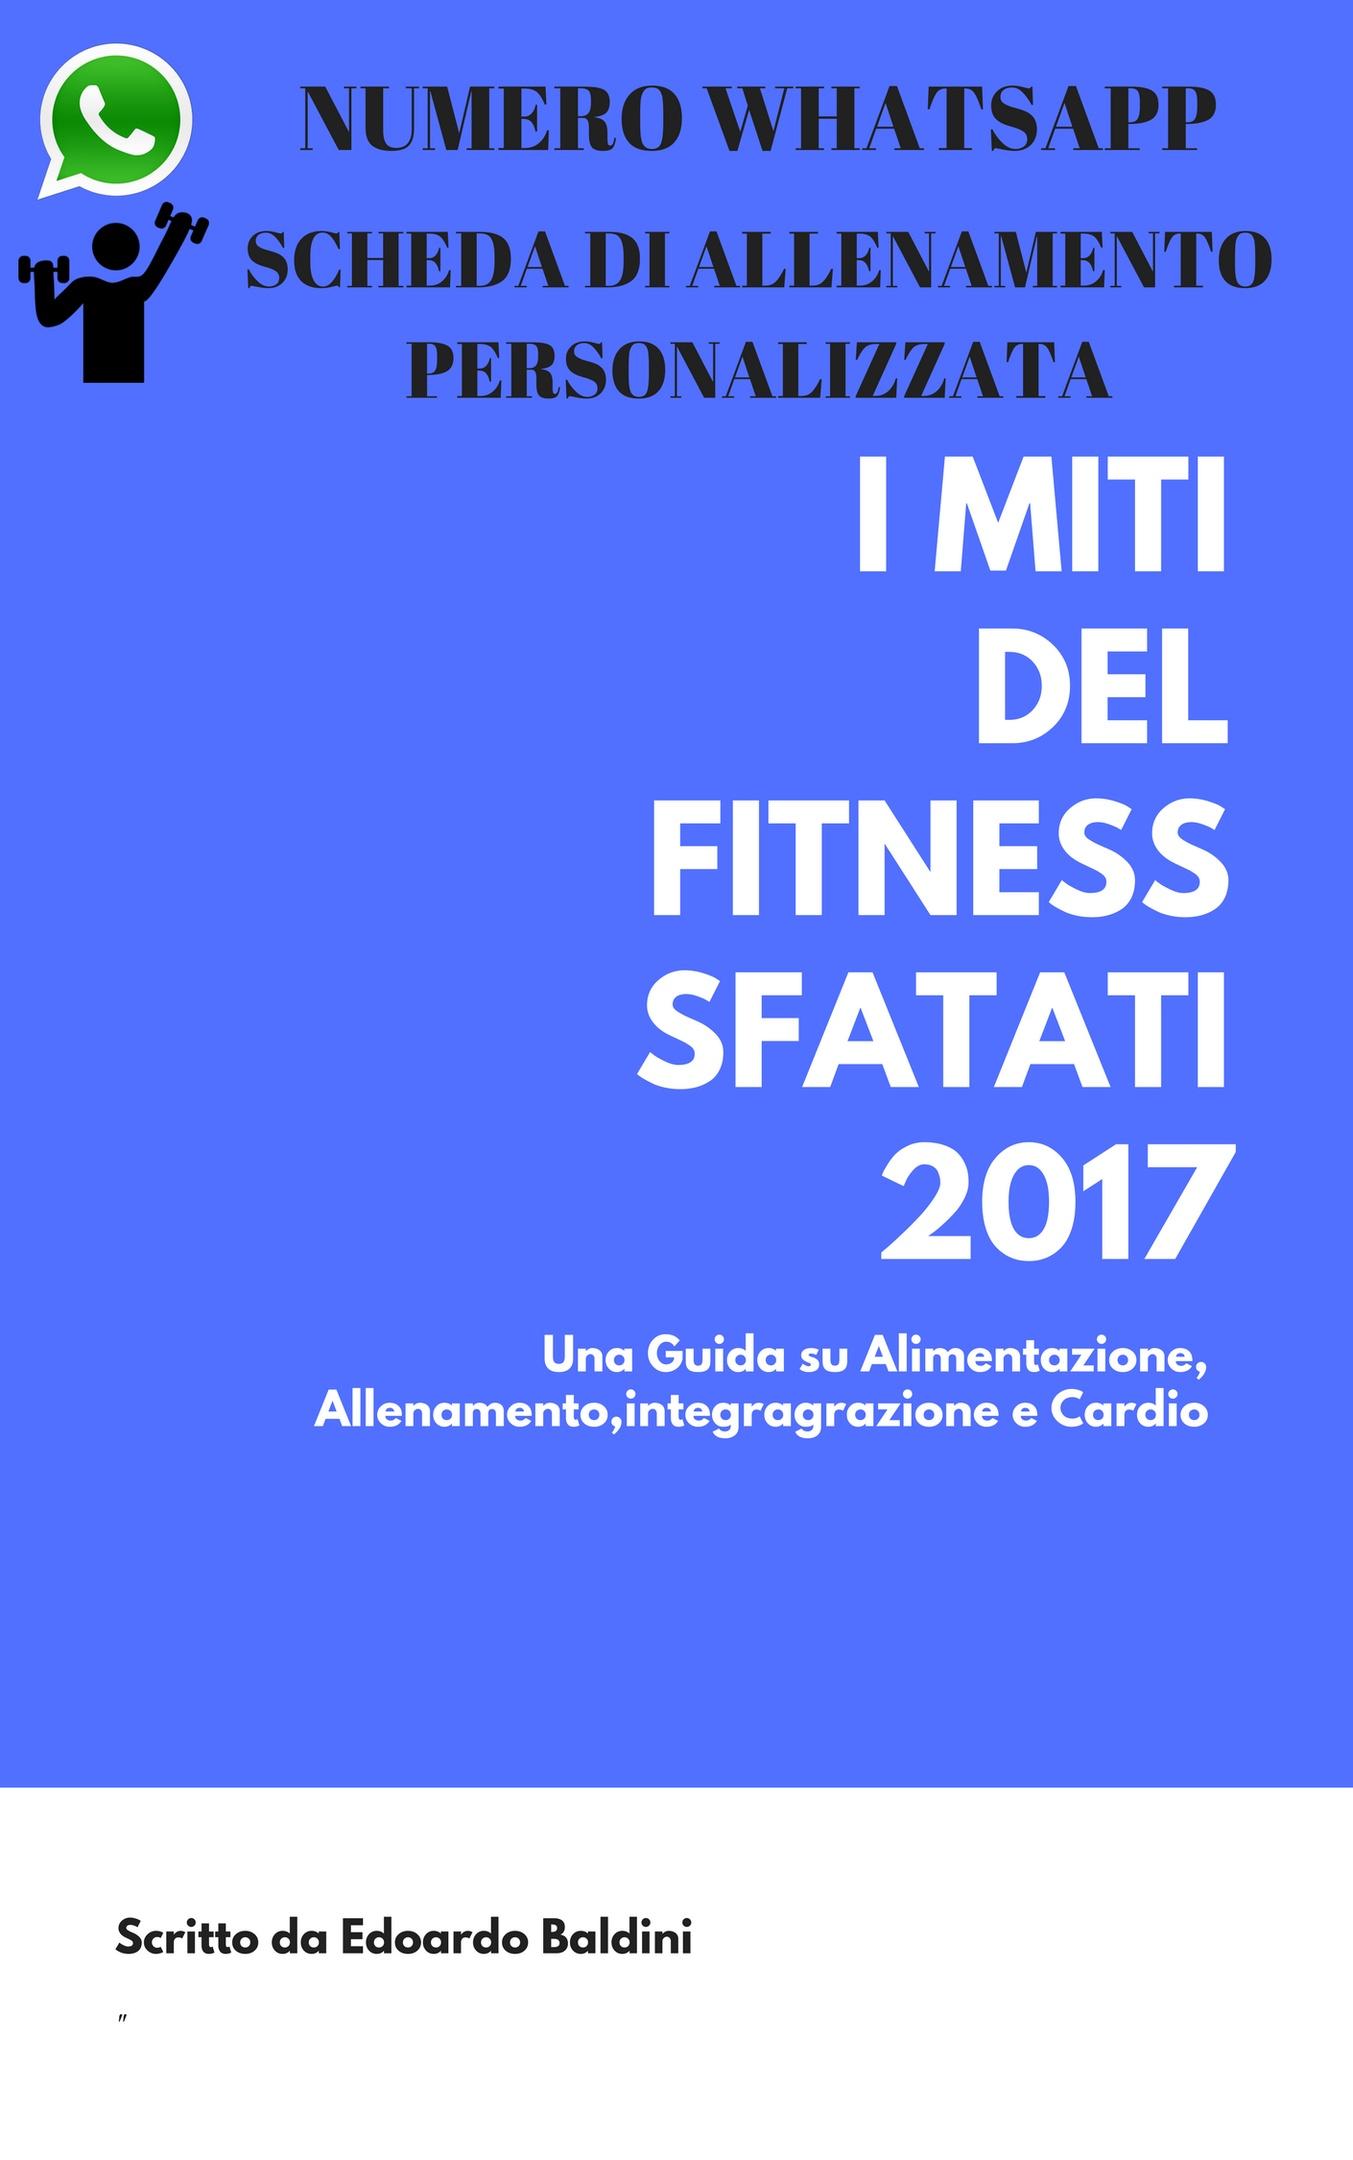 VERSIONE AVANZATA * I MITI DEL FITNESS SFATATI 2017 VERSIONE V6 + MARCHE INTEGRATORI + SCHEDE